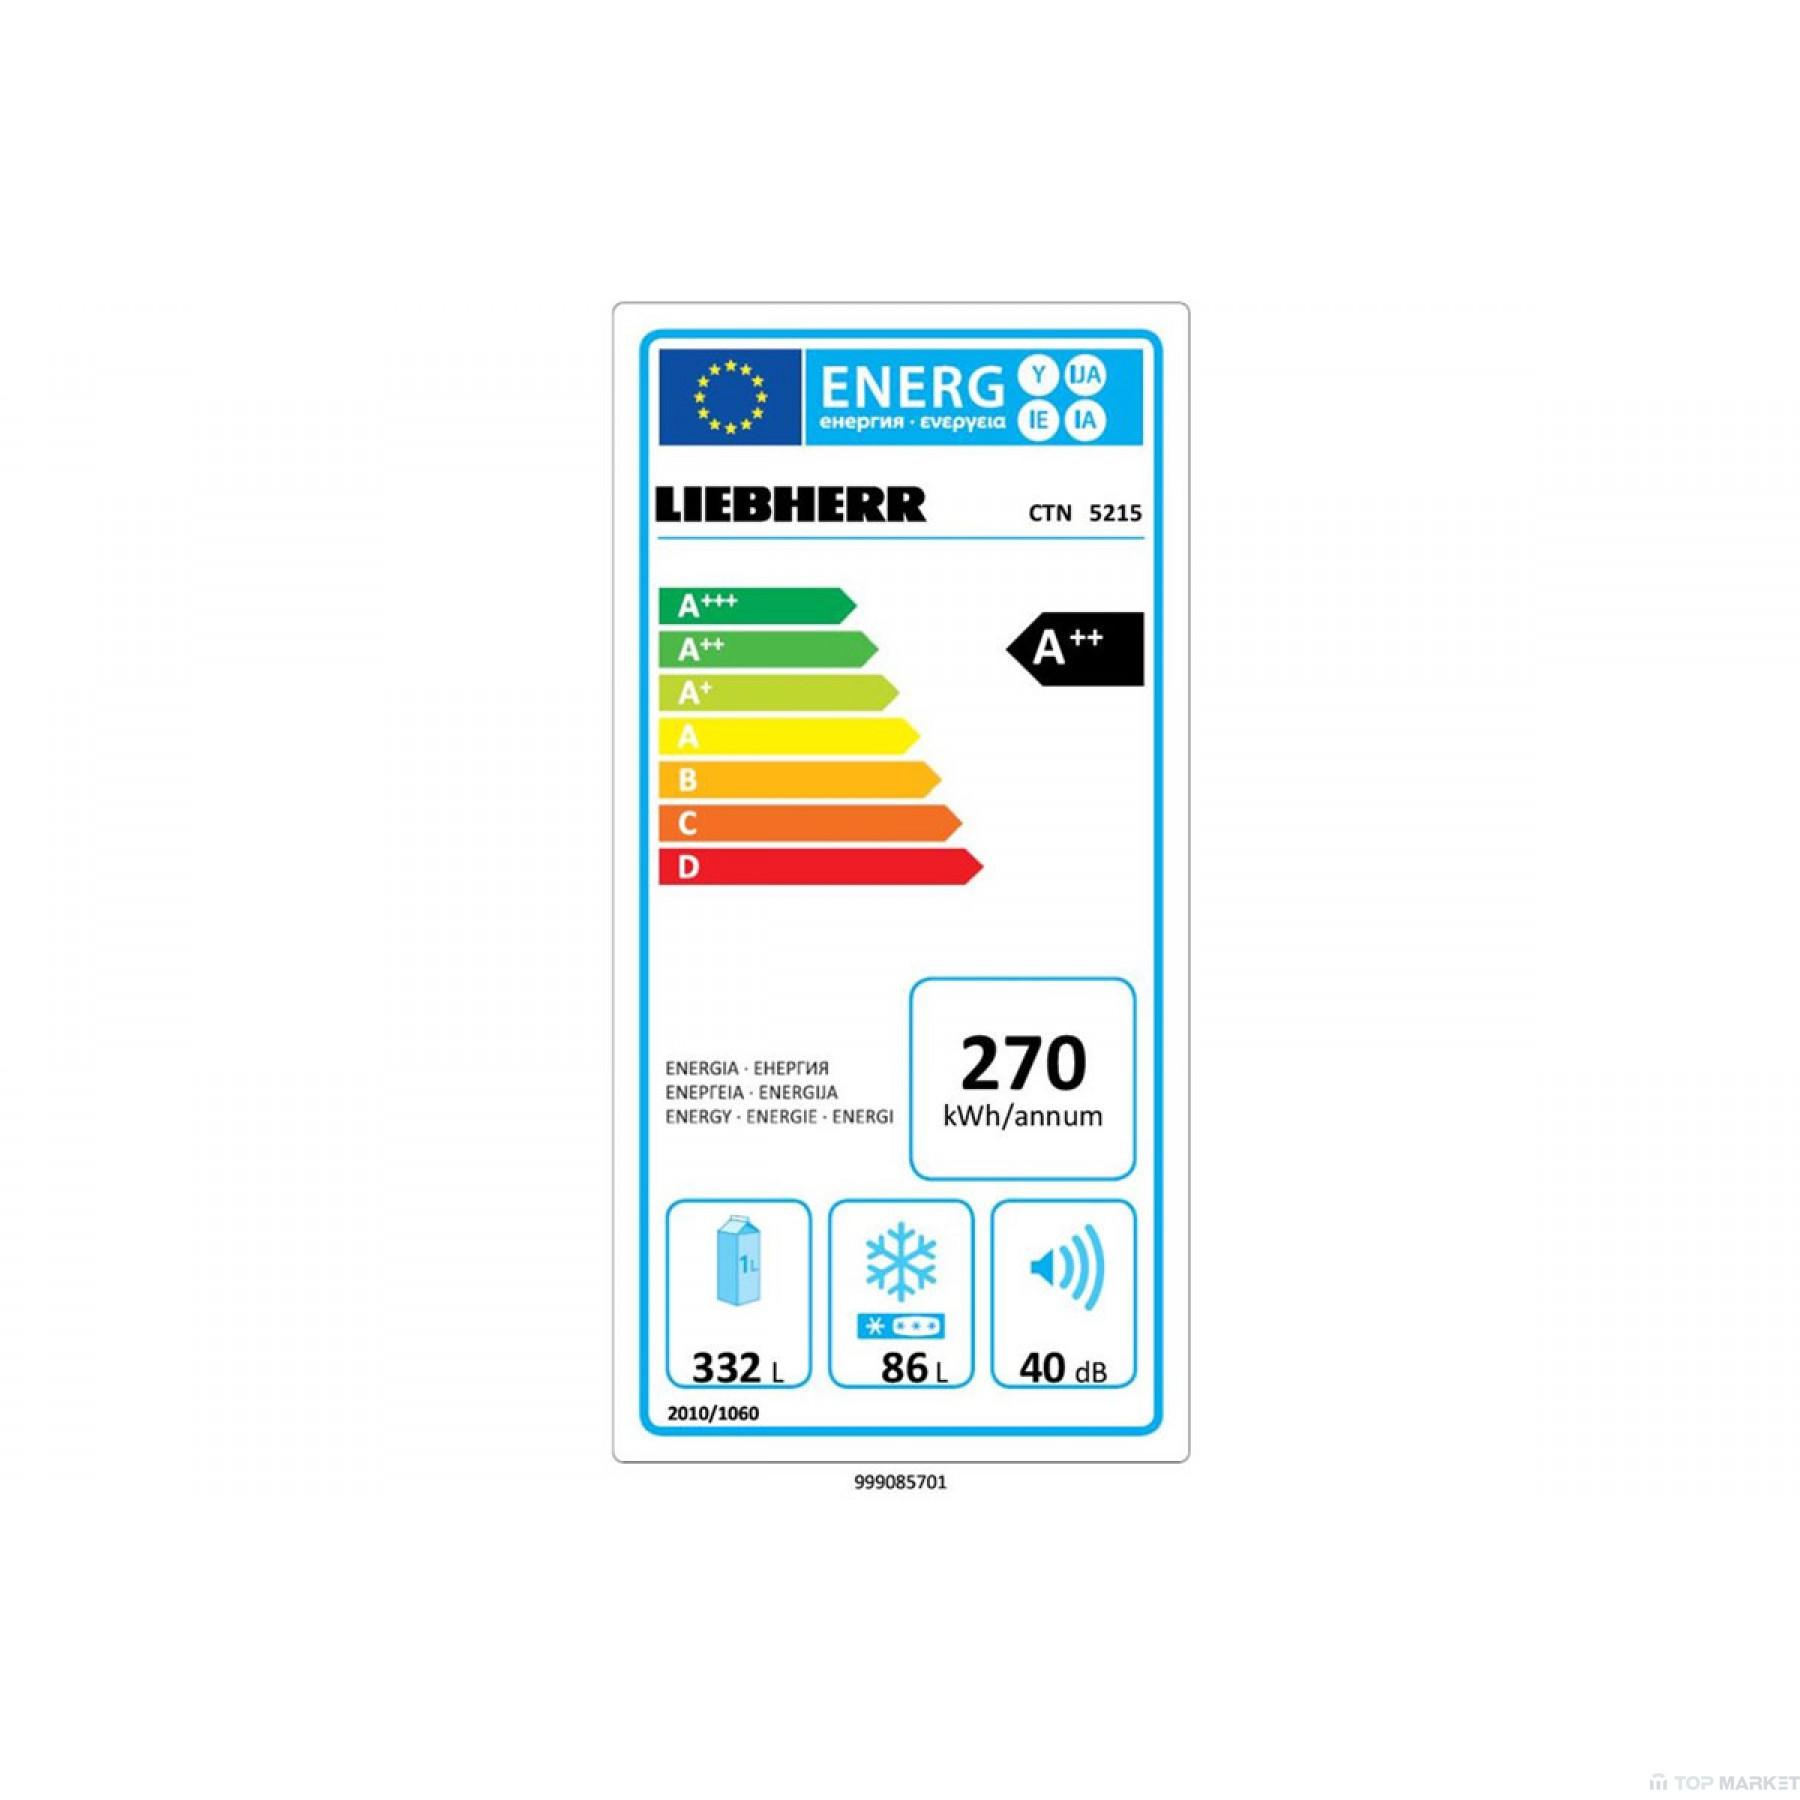 Хладилник LIEBHERR CTN 5215